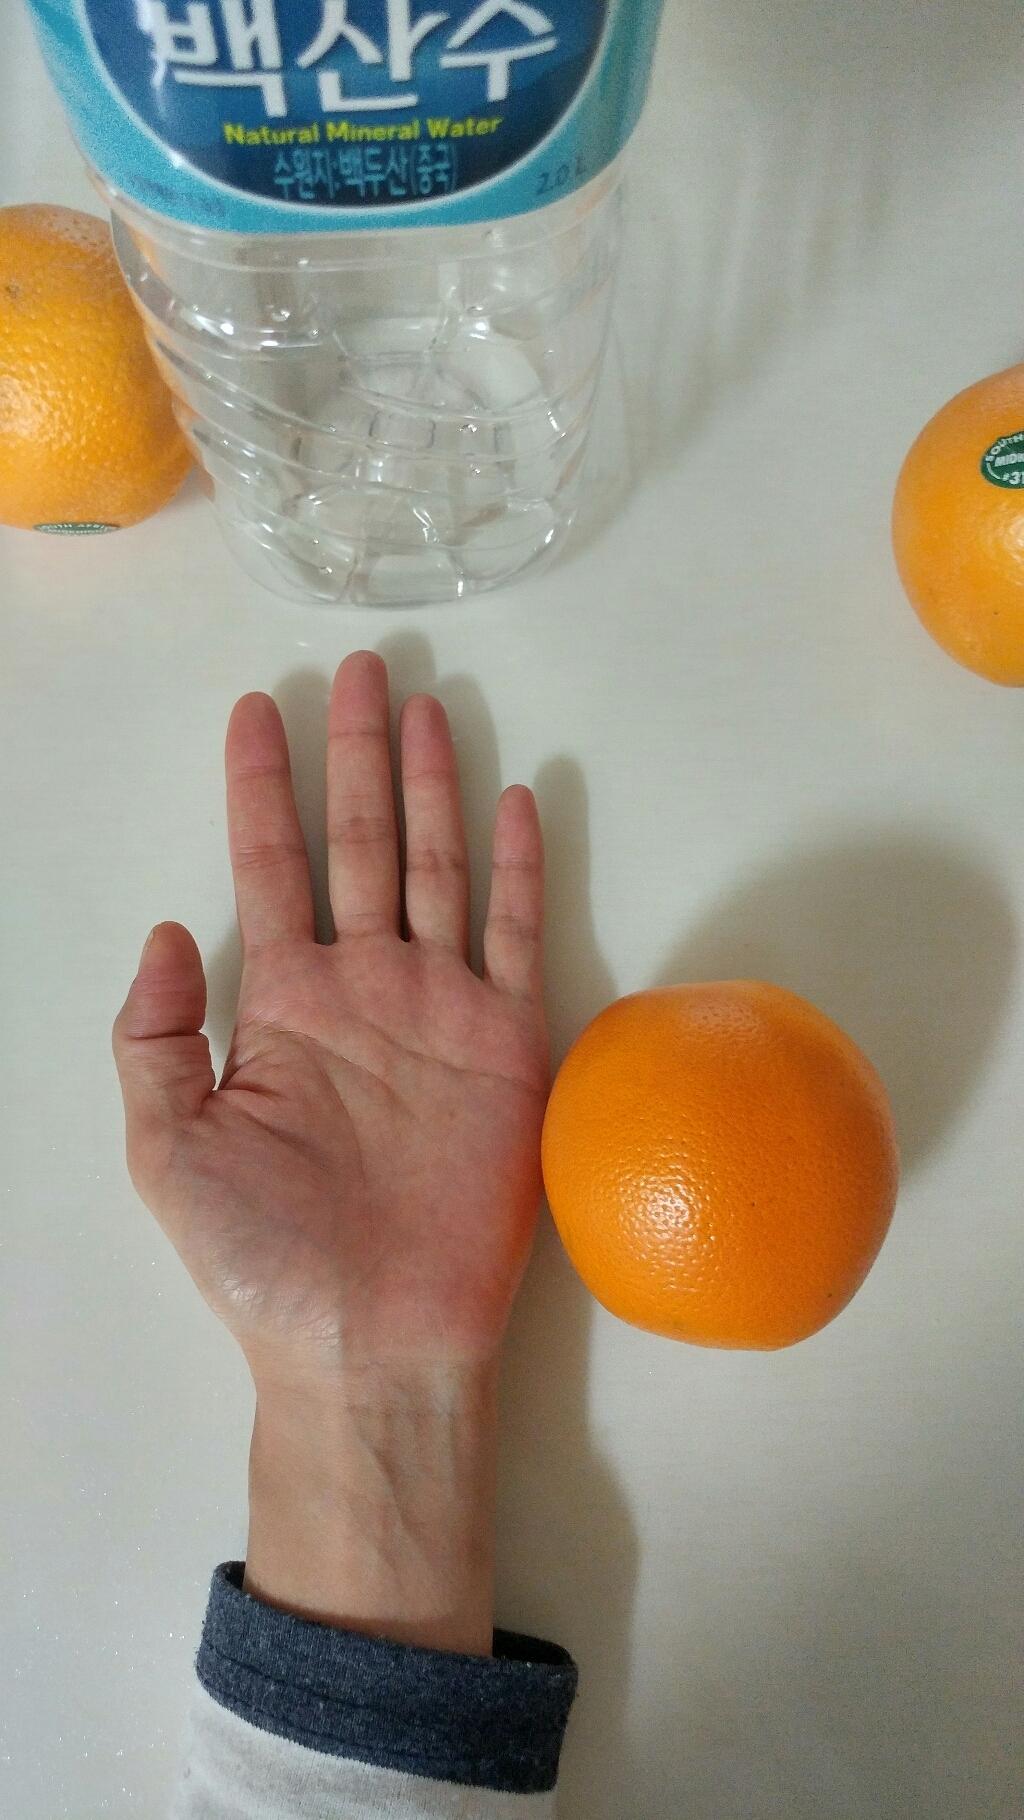 팜플러스 상큼한 오렌지 할인  리뷰 후기